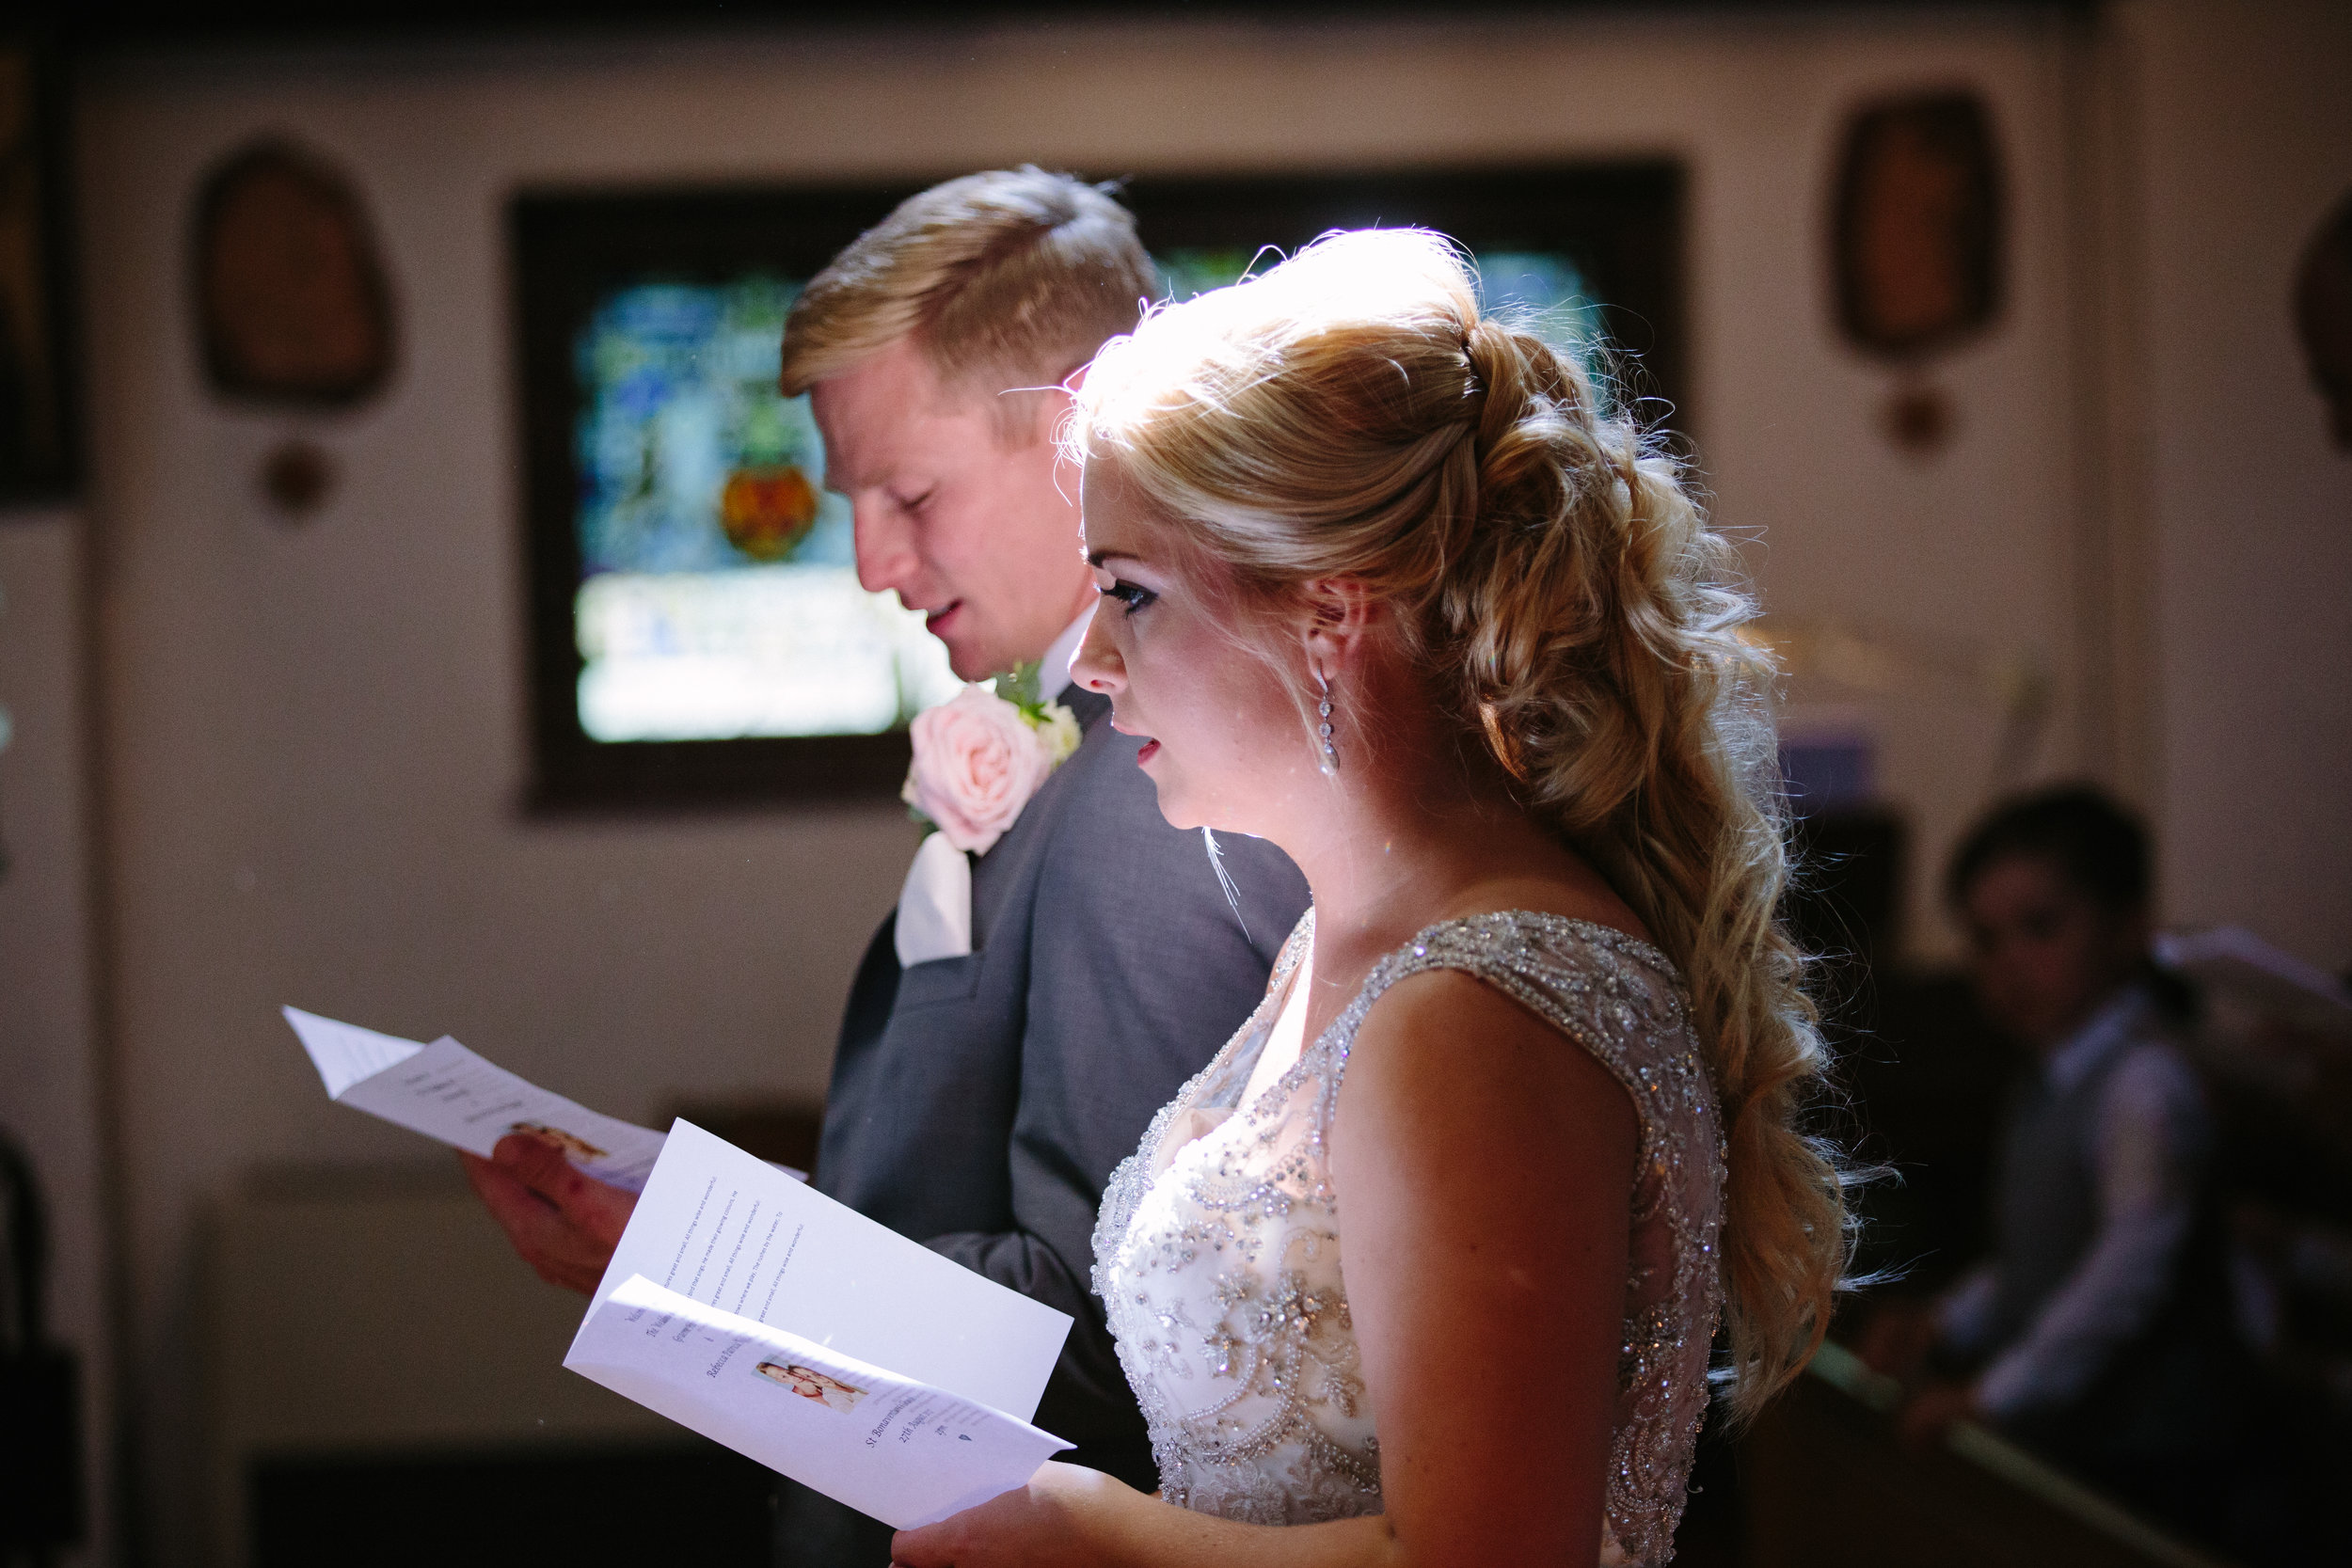 hitchin-hertfordshire-london-wedding-photography-catholic-ceremony-27